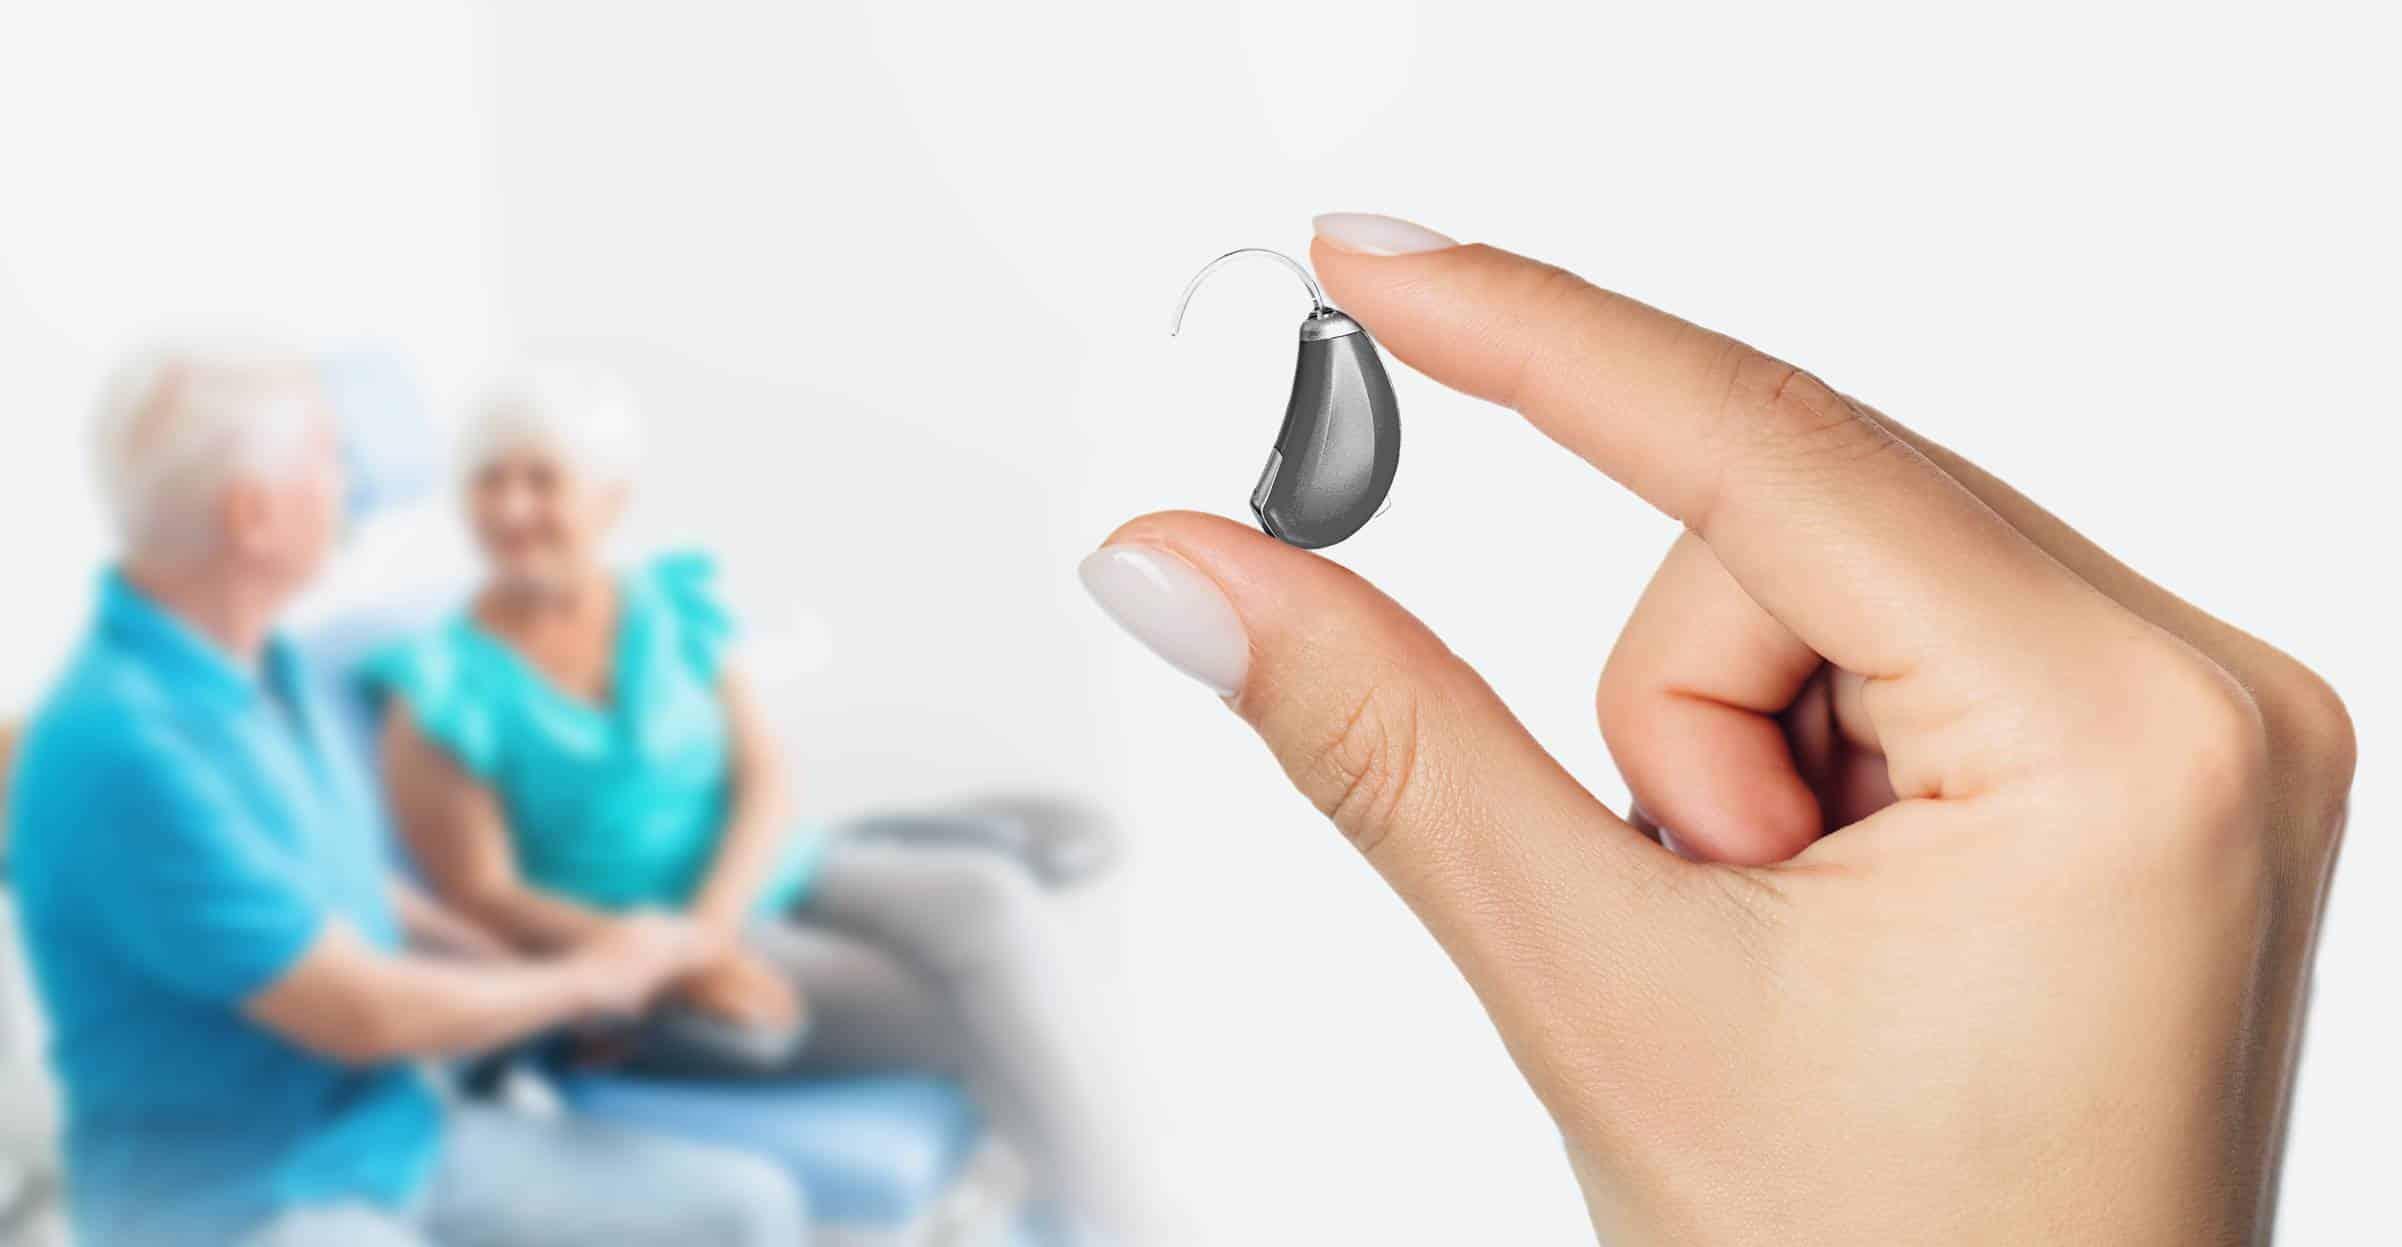 appareil auditif, quelle marque choisir